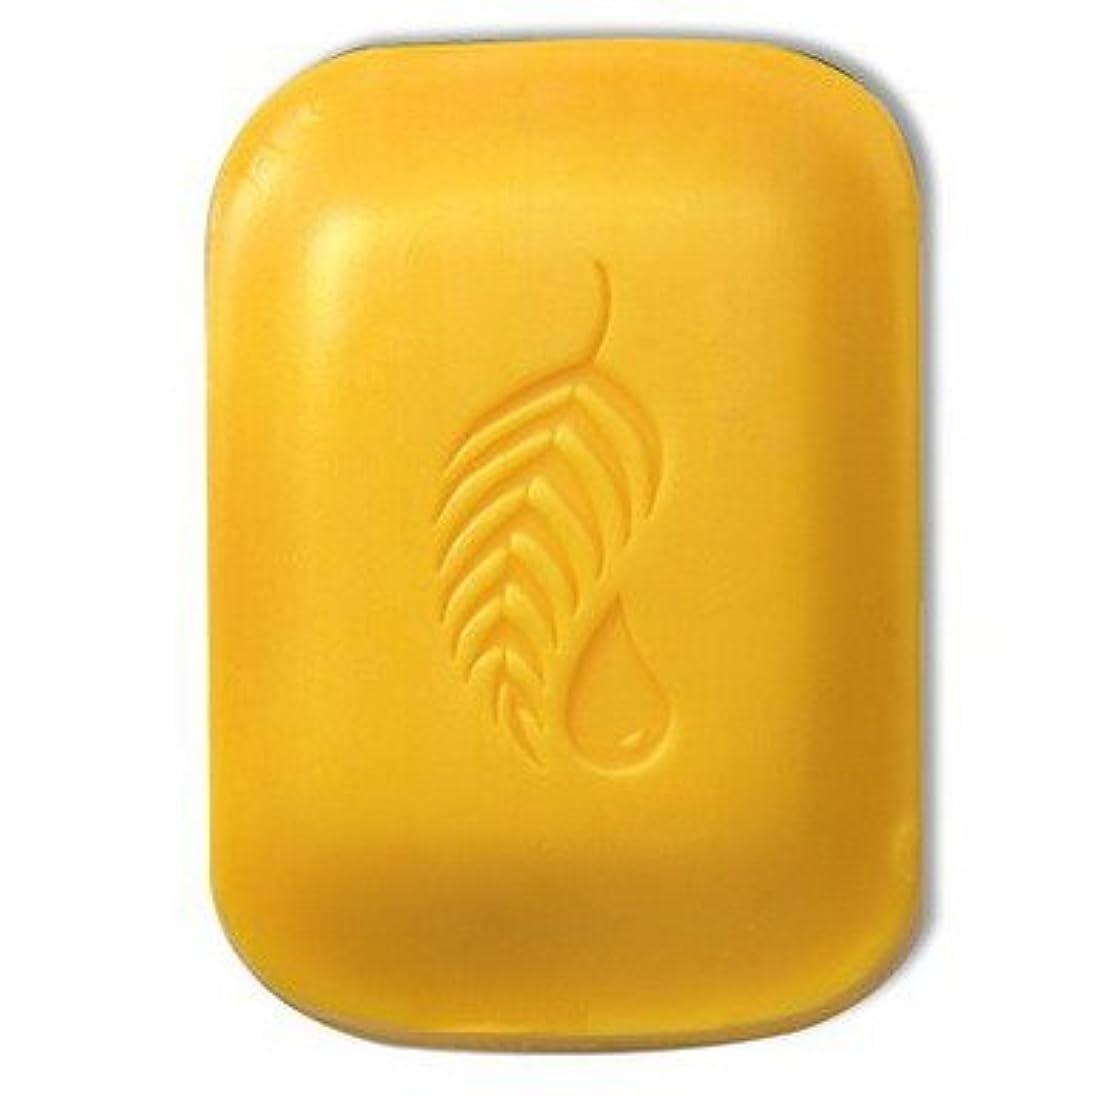 突進屈辱することわざ【Melaleuca(メラルーカ)】ゴールド バー トライアルサイズ42.5g [並行輸入品]